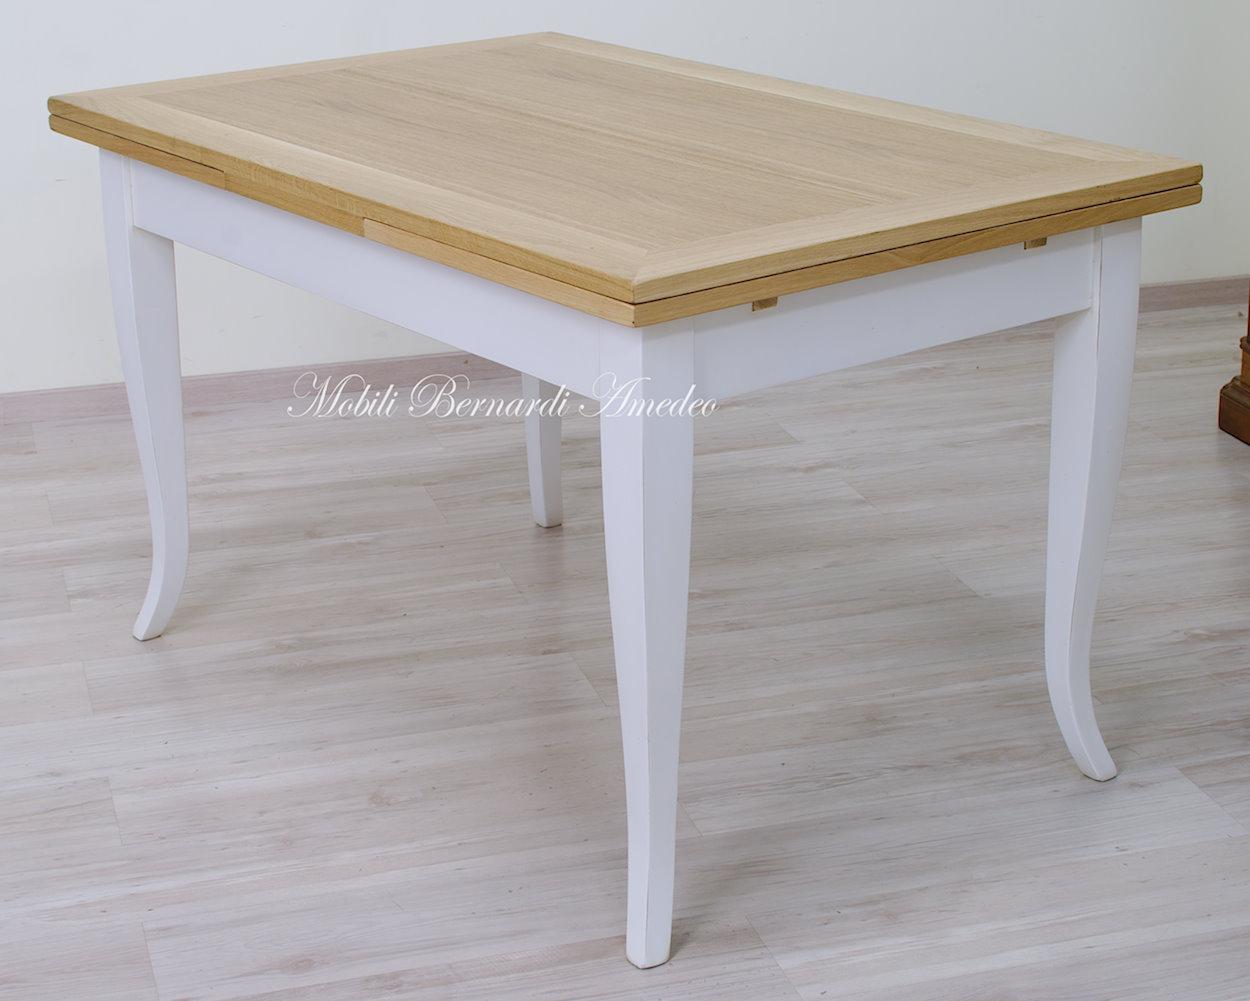 Tavoli allungabili piccoli in stile tavoli - Consolle tavolo allungabile ikea ...